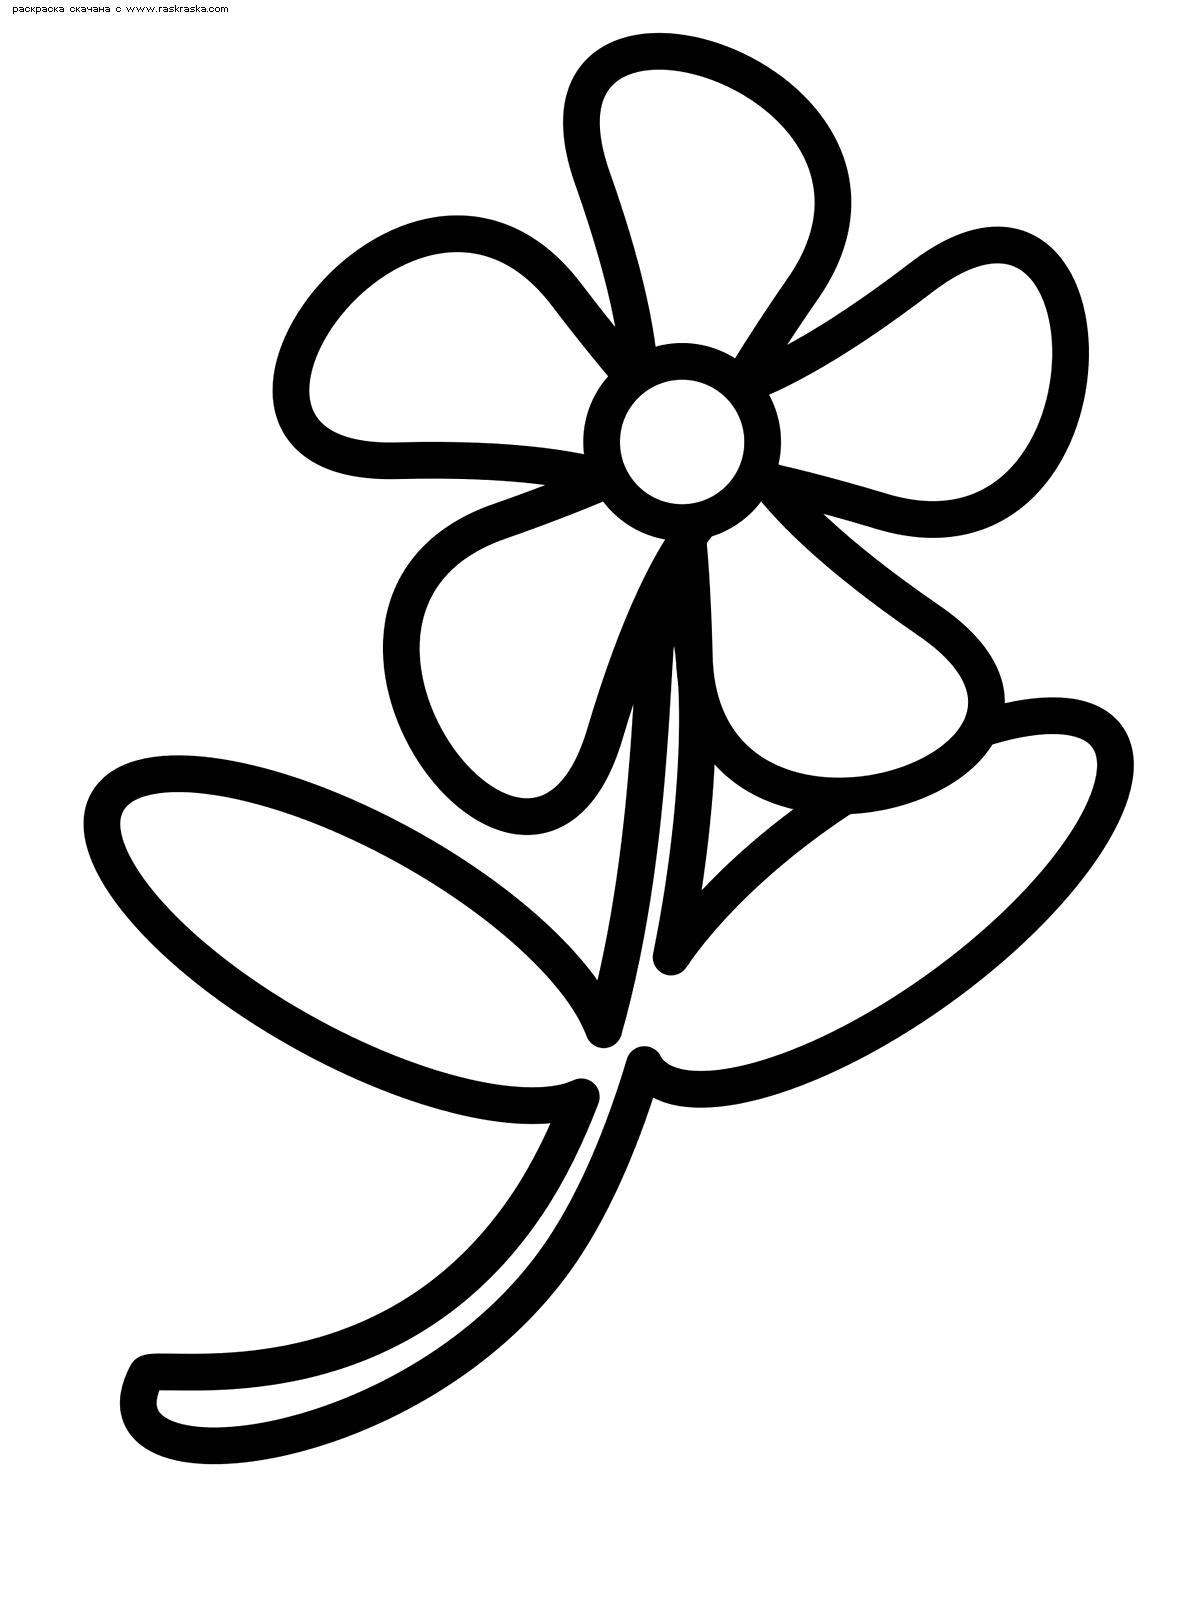 Раскраска Цветок | Раскраски цветов для маленьких детей